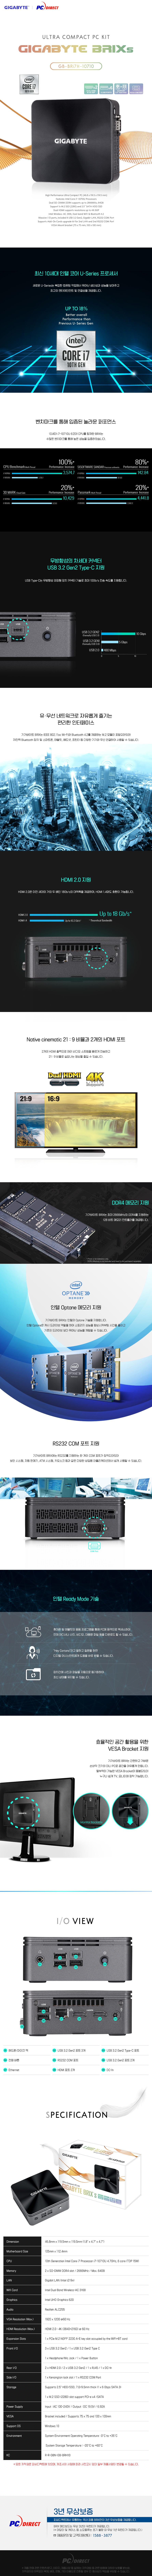 GIGABYTE BRIX GB-BRi7H-10710 SSD 피씨디렉트 (8GB, SSD 120GB)